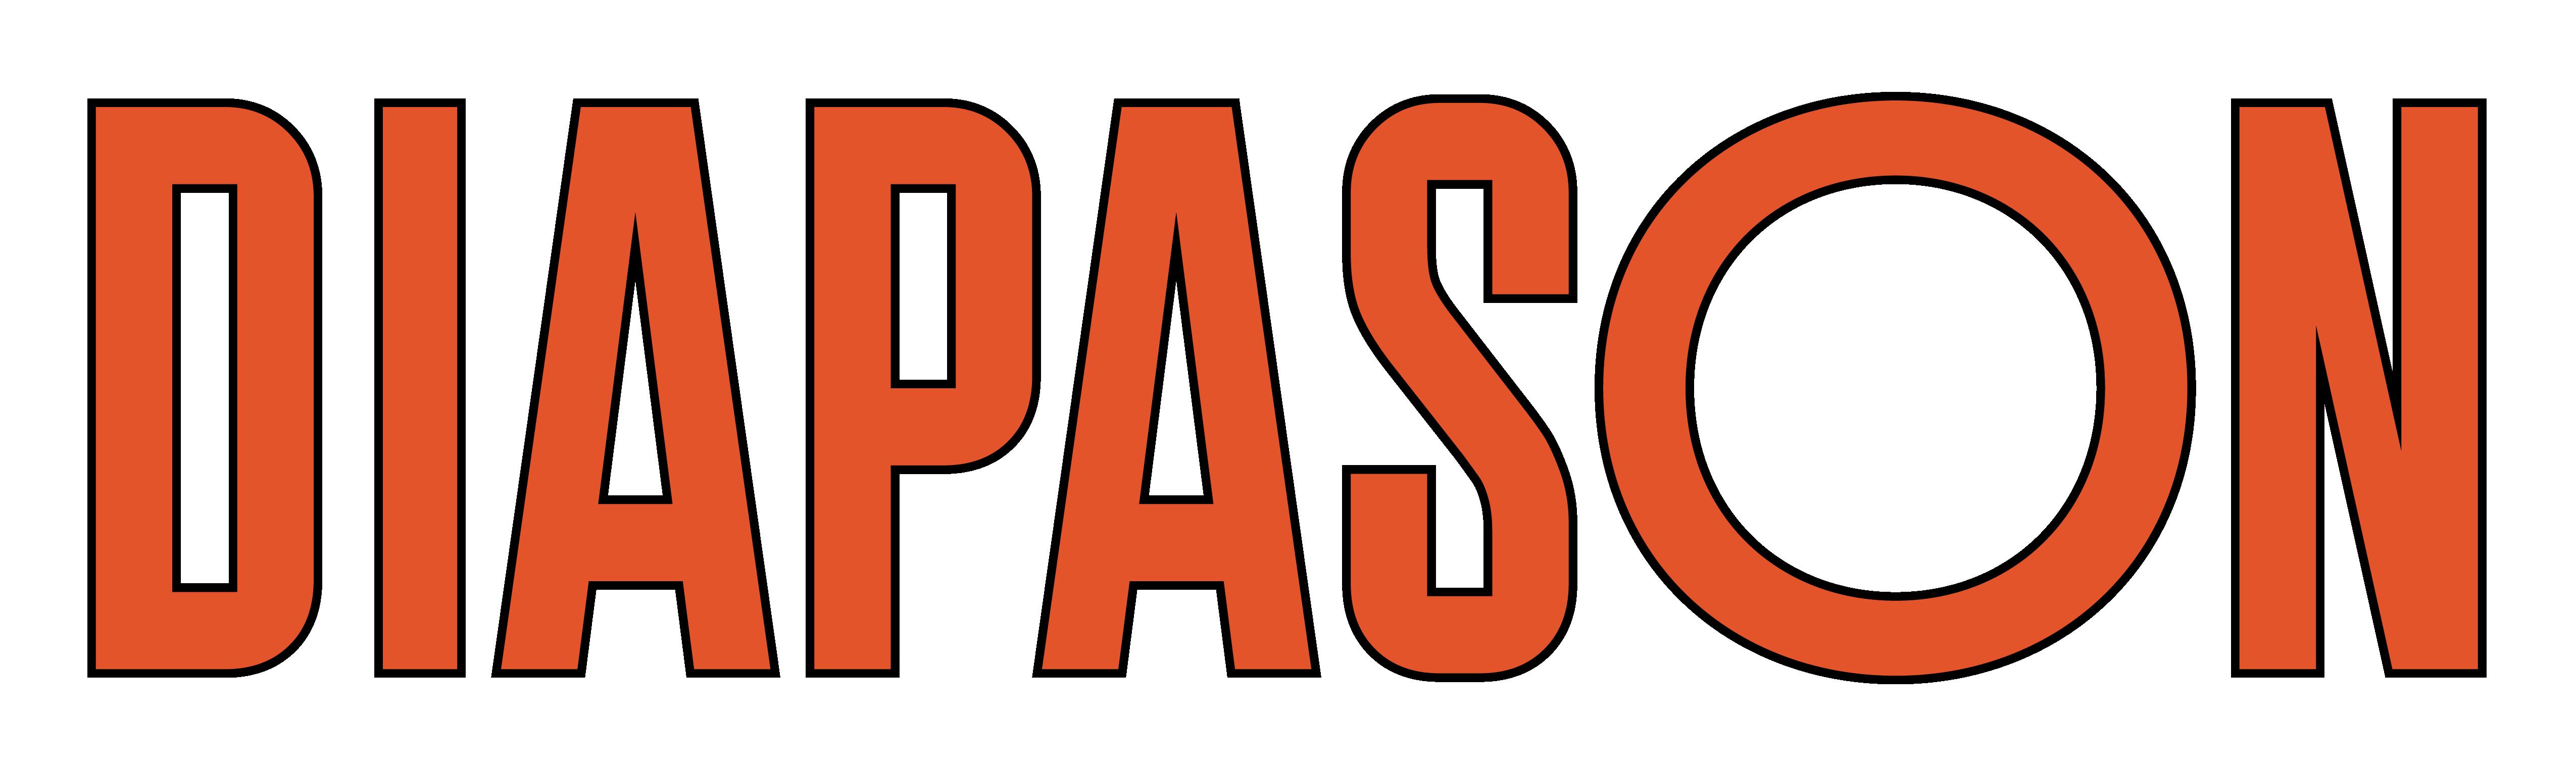 Diapason-Logo-Couleur-01